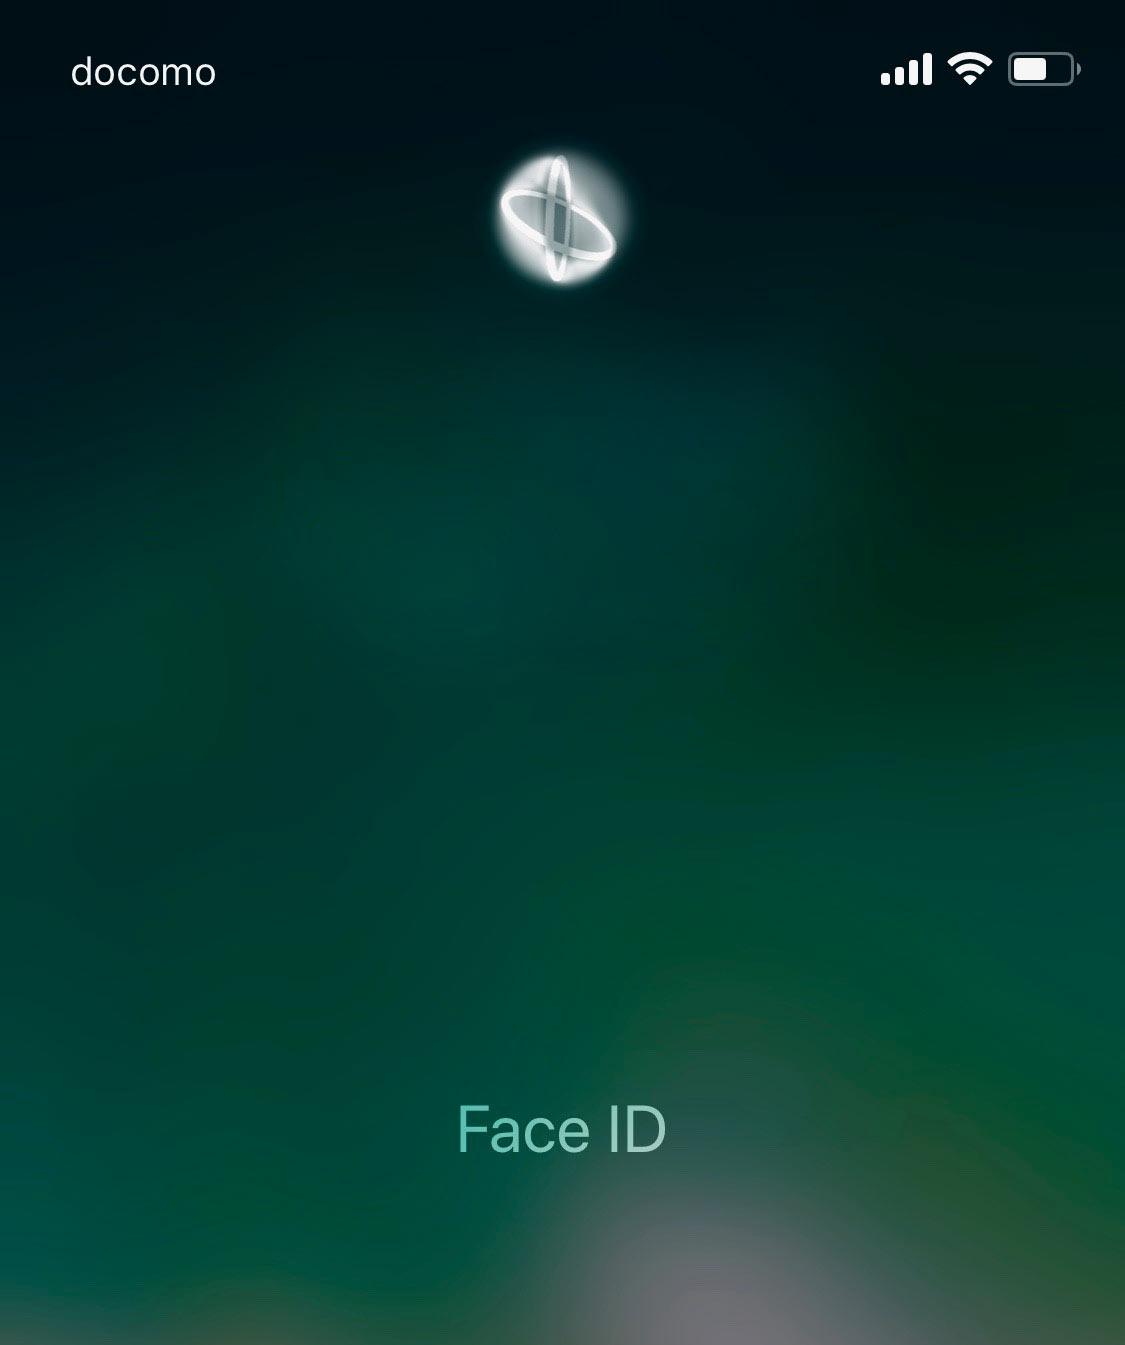 Face ID アイコン